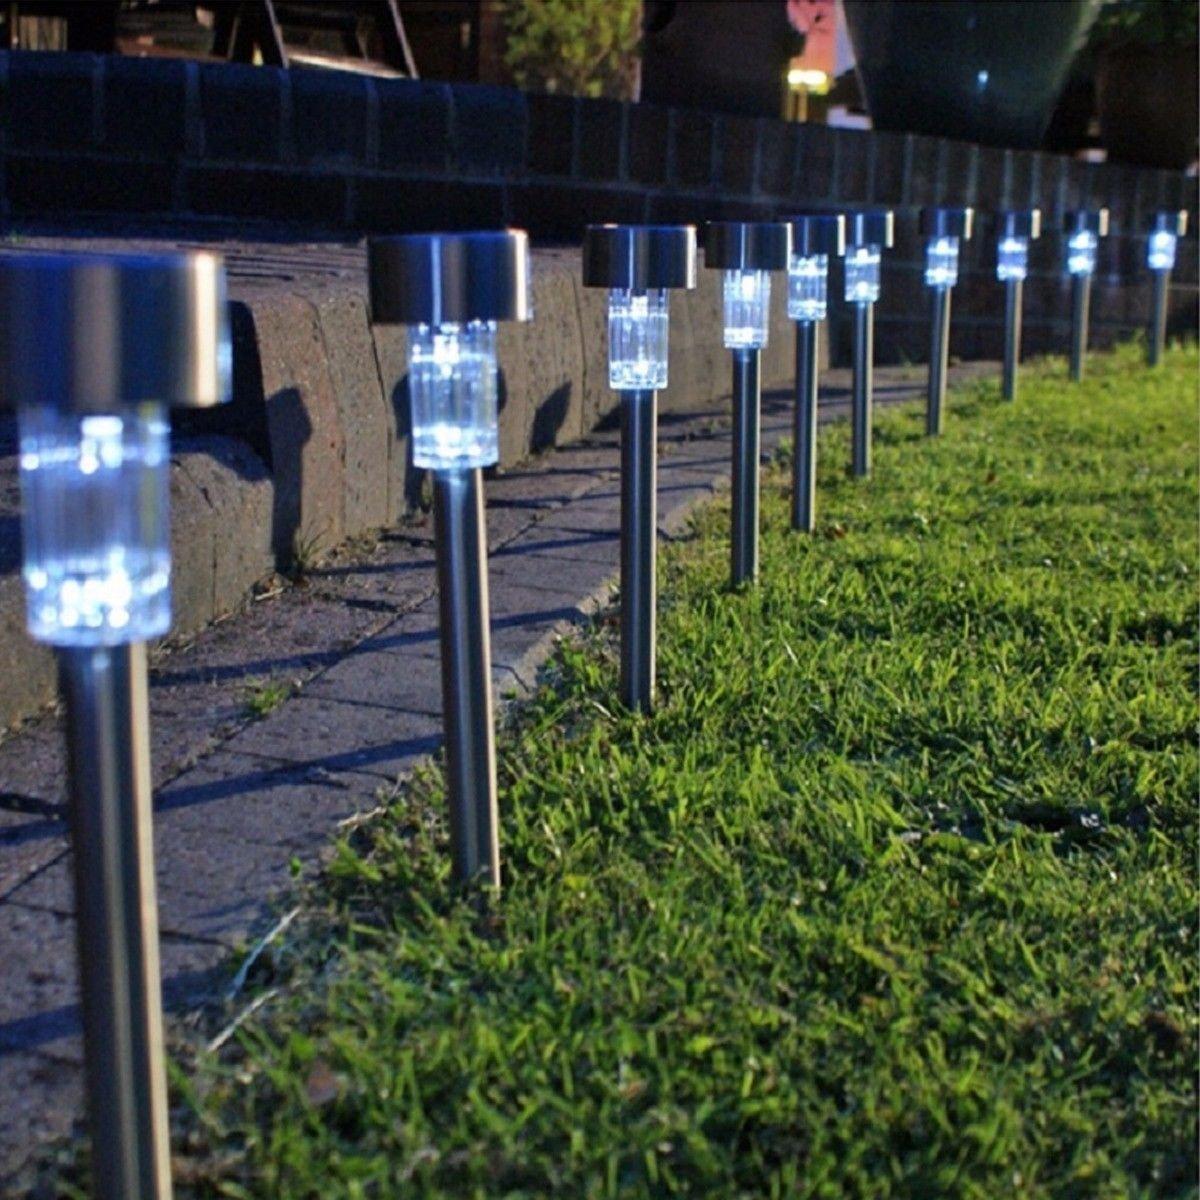 10 Pcs-Garten der Hellen weißen LED Solarlichter Garten-Beleuchtung Garten Verziert LED Solarlichter Im Freienweg-Lichter Oder Landschaftsgestaltungslichter